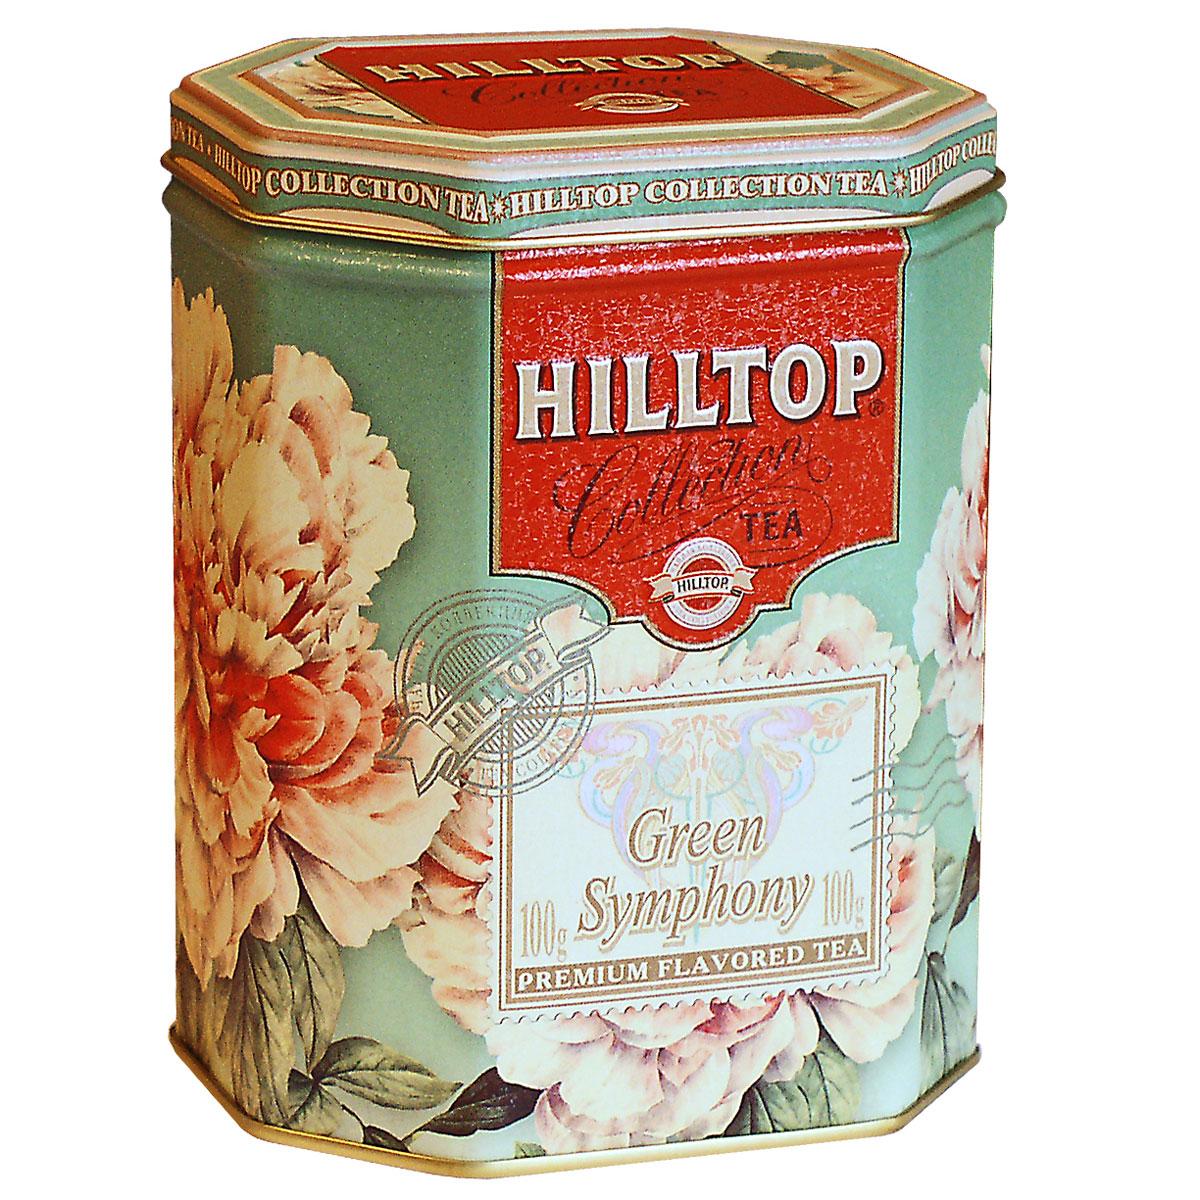 цена Hilltop Зеленая симфония зеленый листовой чай, 100 г онлайн в 2017 году